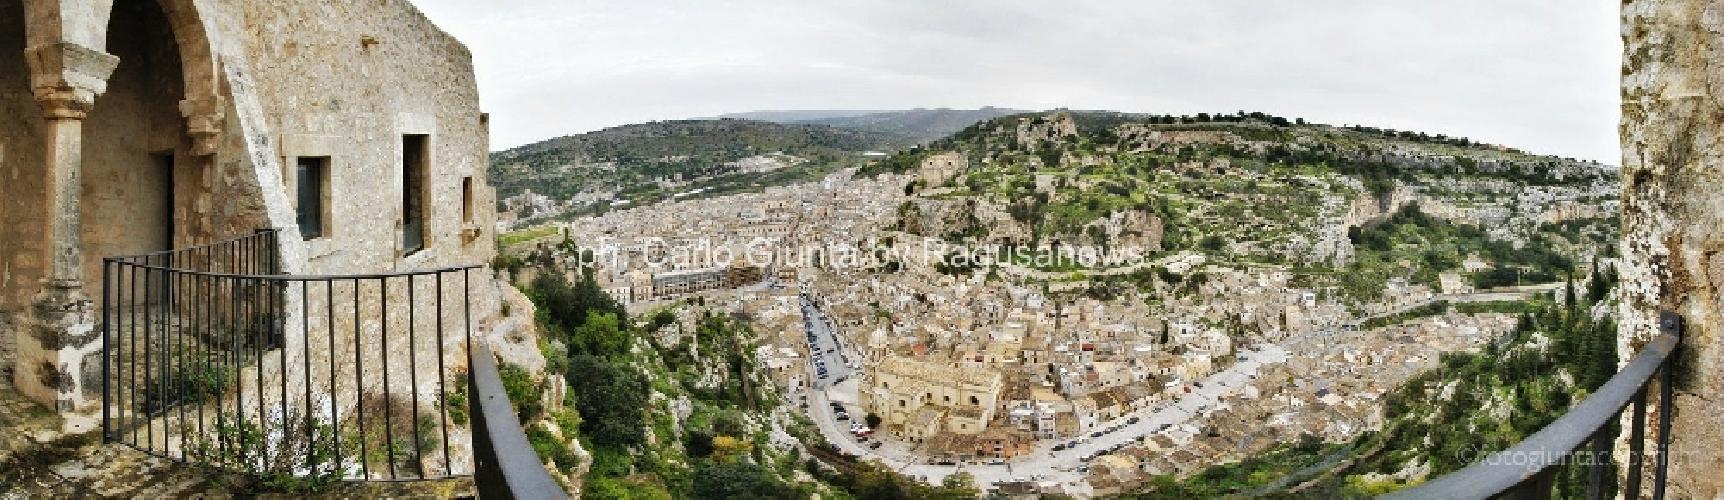 https://www.ragusanews.com//immagini_articoli/21-11-2013/val-di-noto-una-sorpresa-siciliana-500.jpg